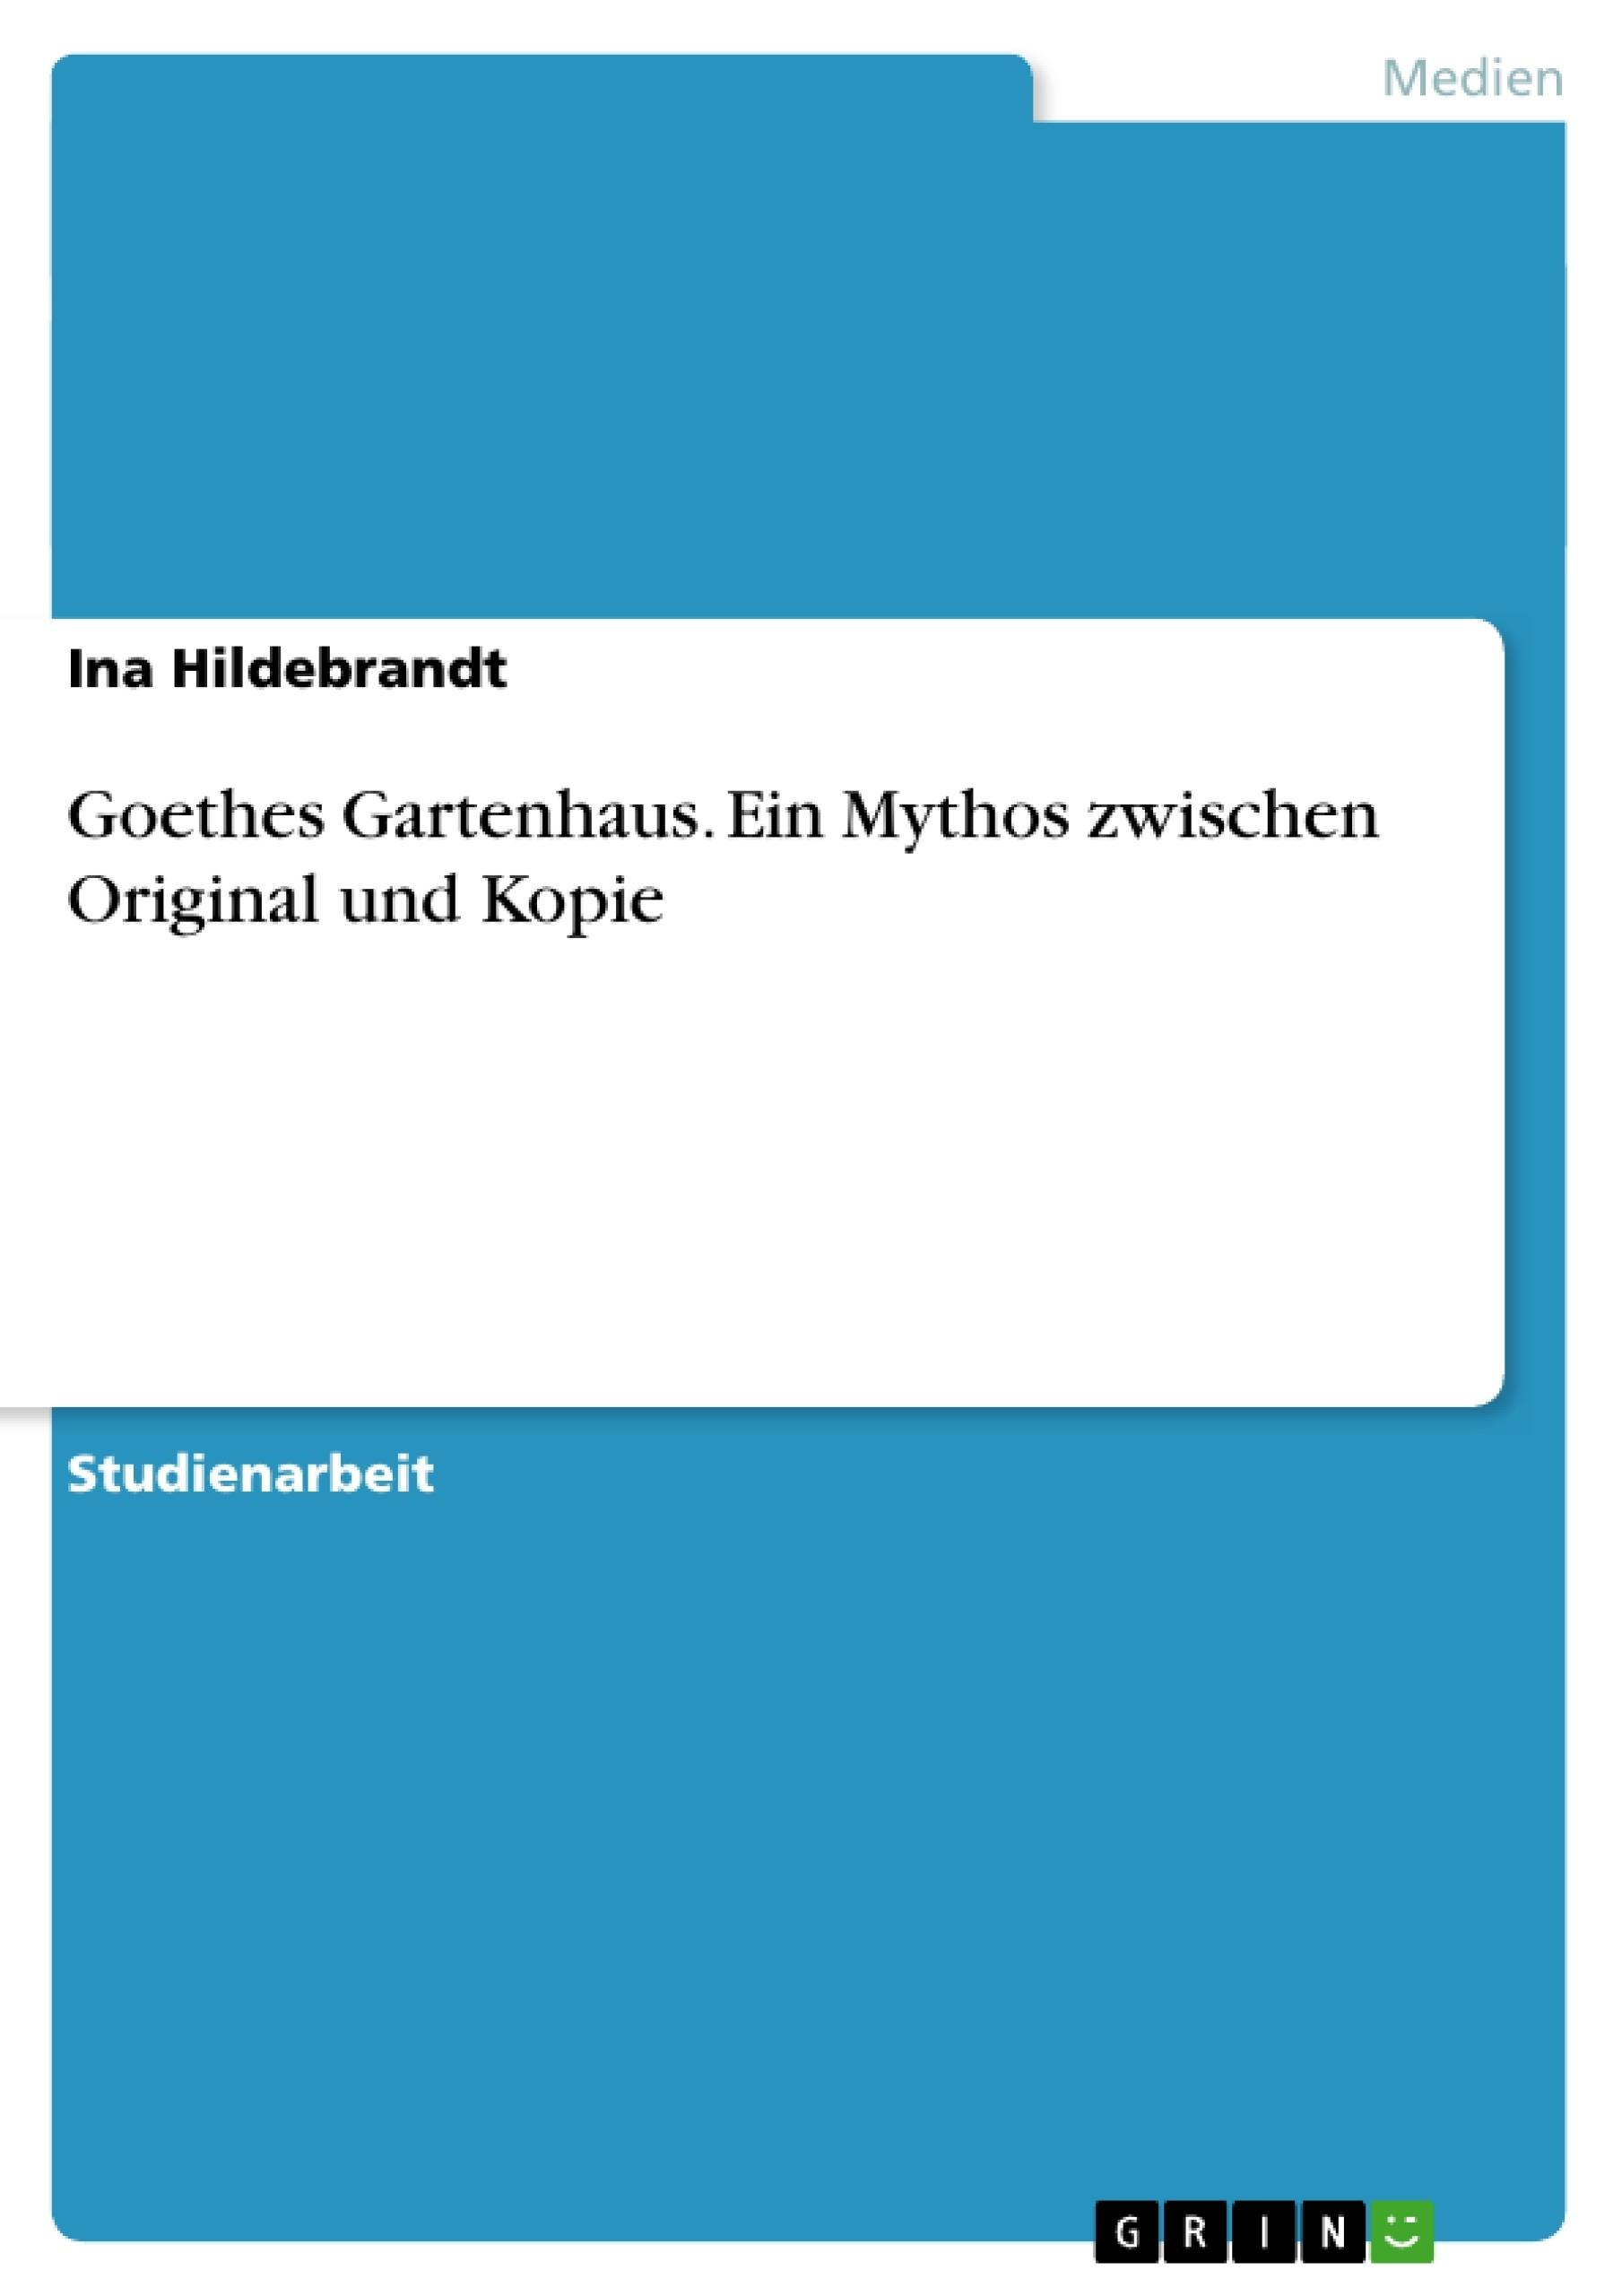 Titel: Goethes Gartenhaus. Ein Mythos zwischen Original und Kopie